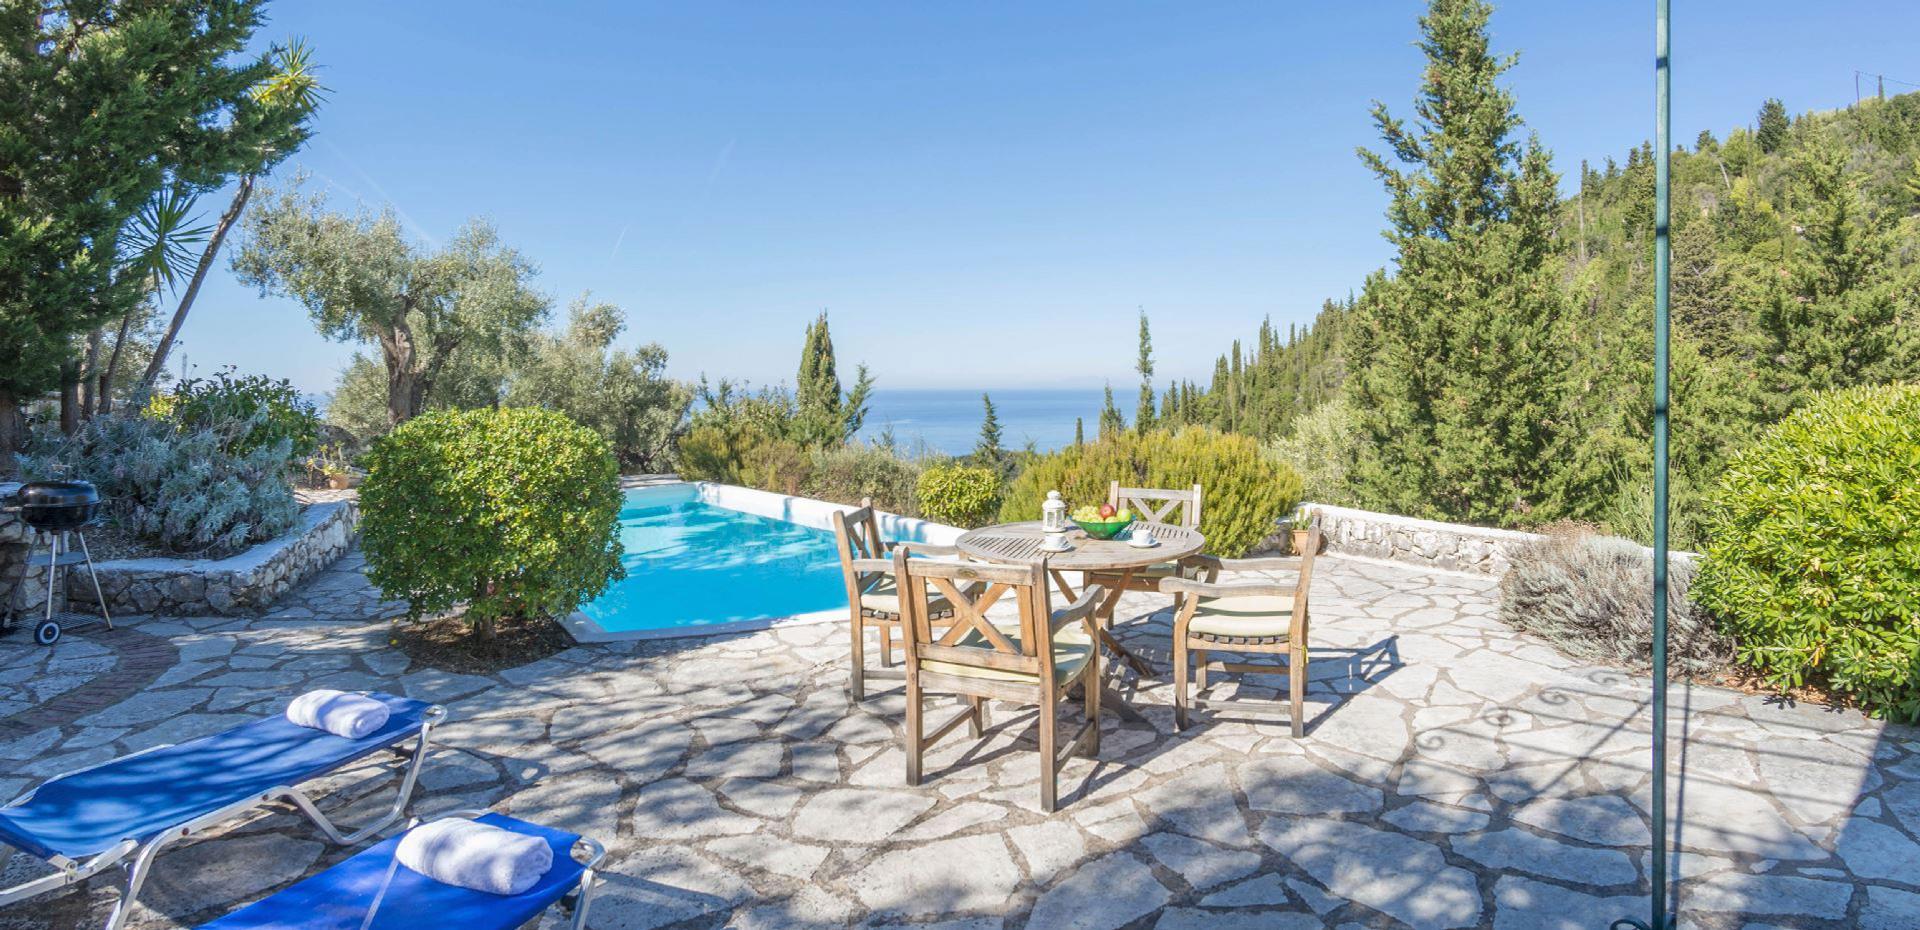 Ferienhaus für 4 Personen  + 2 Kinder in Agio  in Griechenland